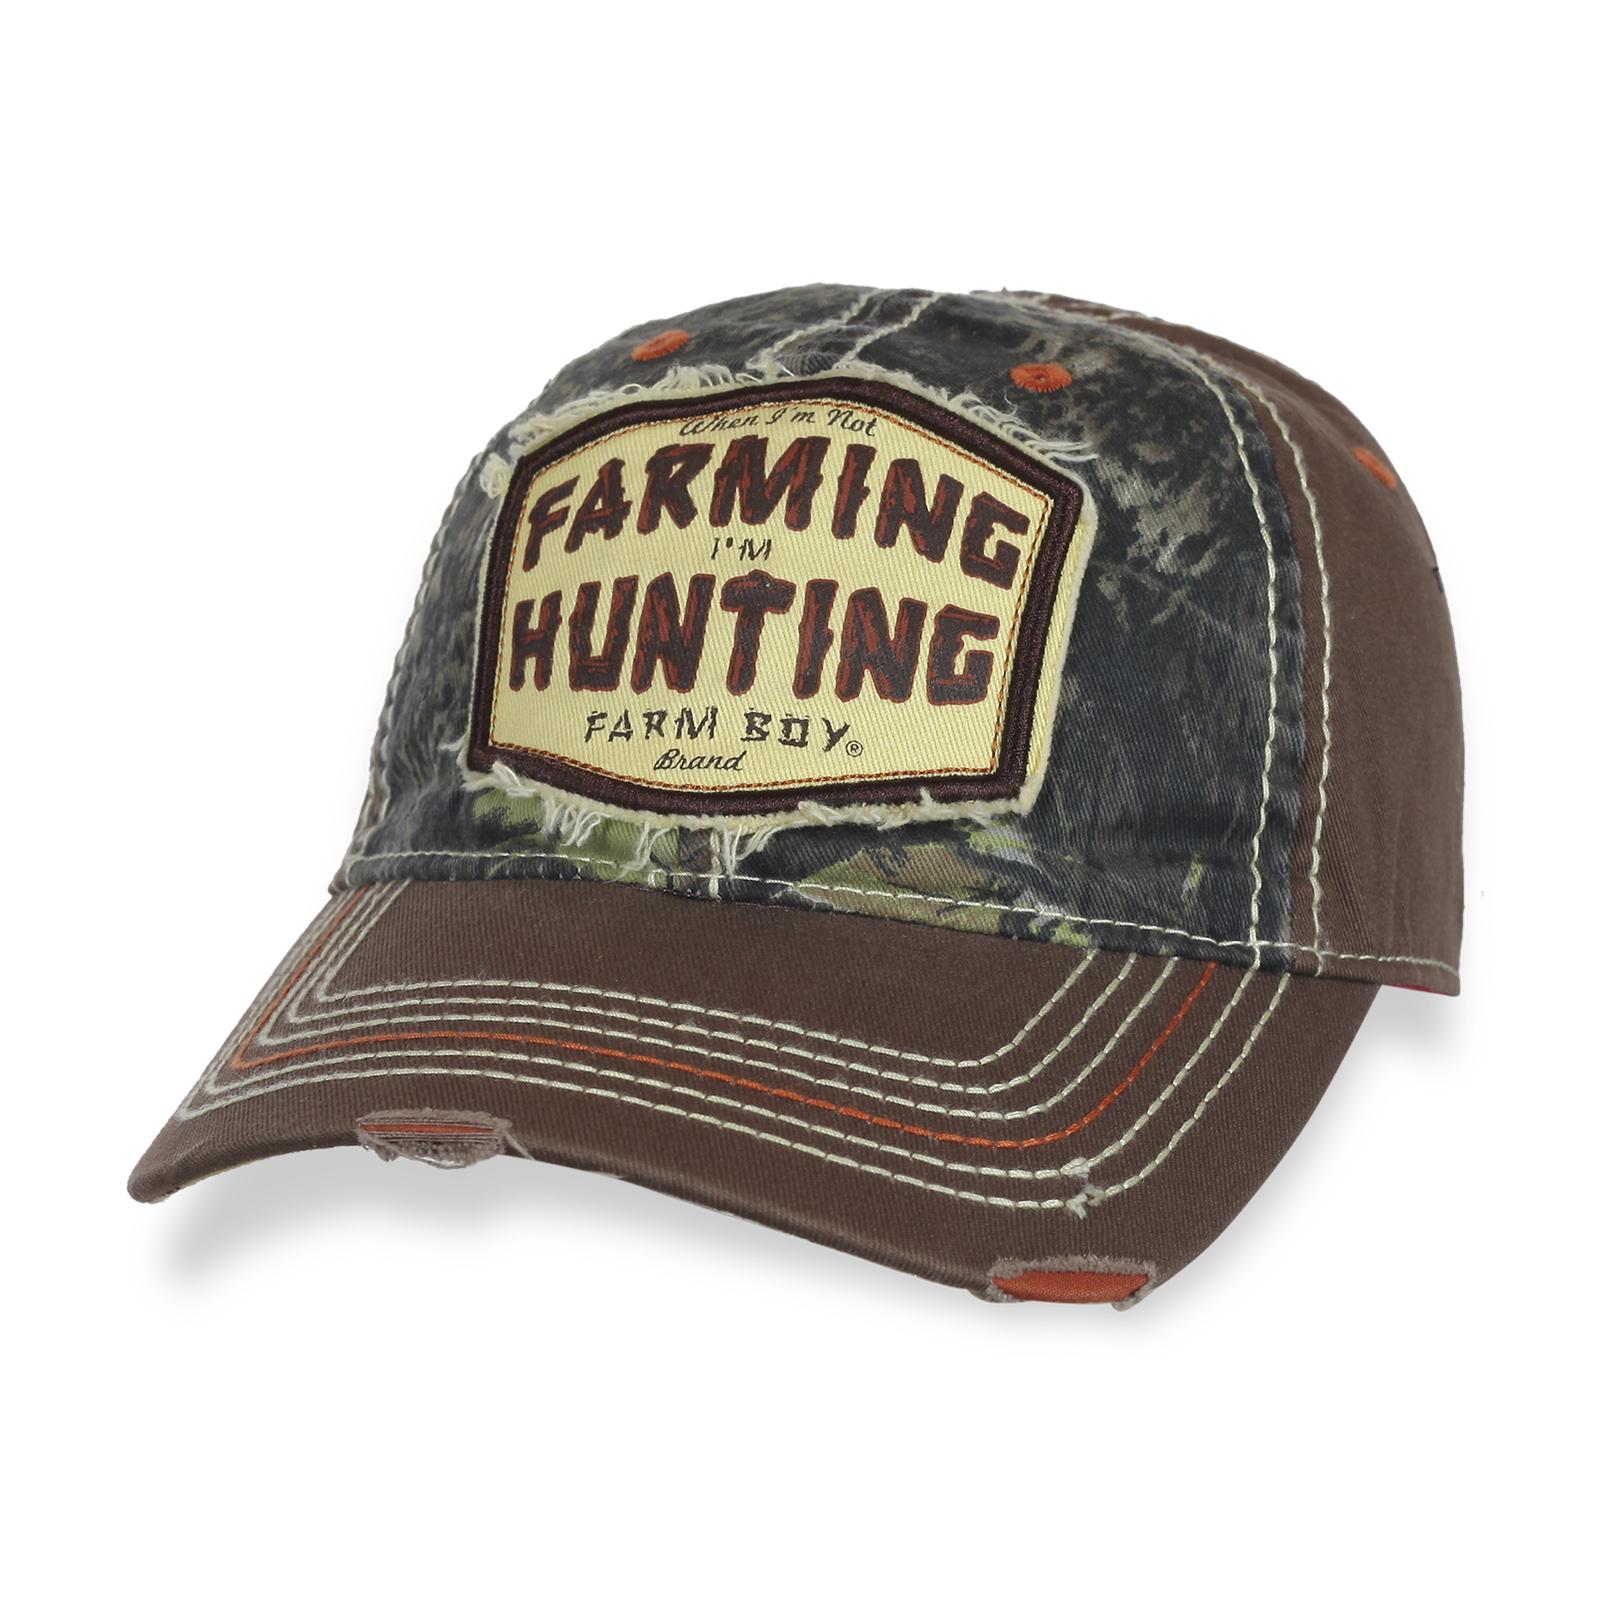 Достойная бейсболка Farming Hunting.